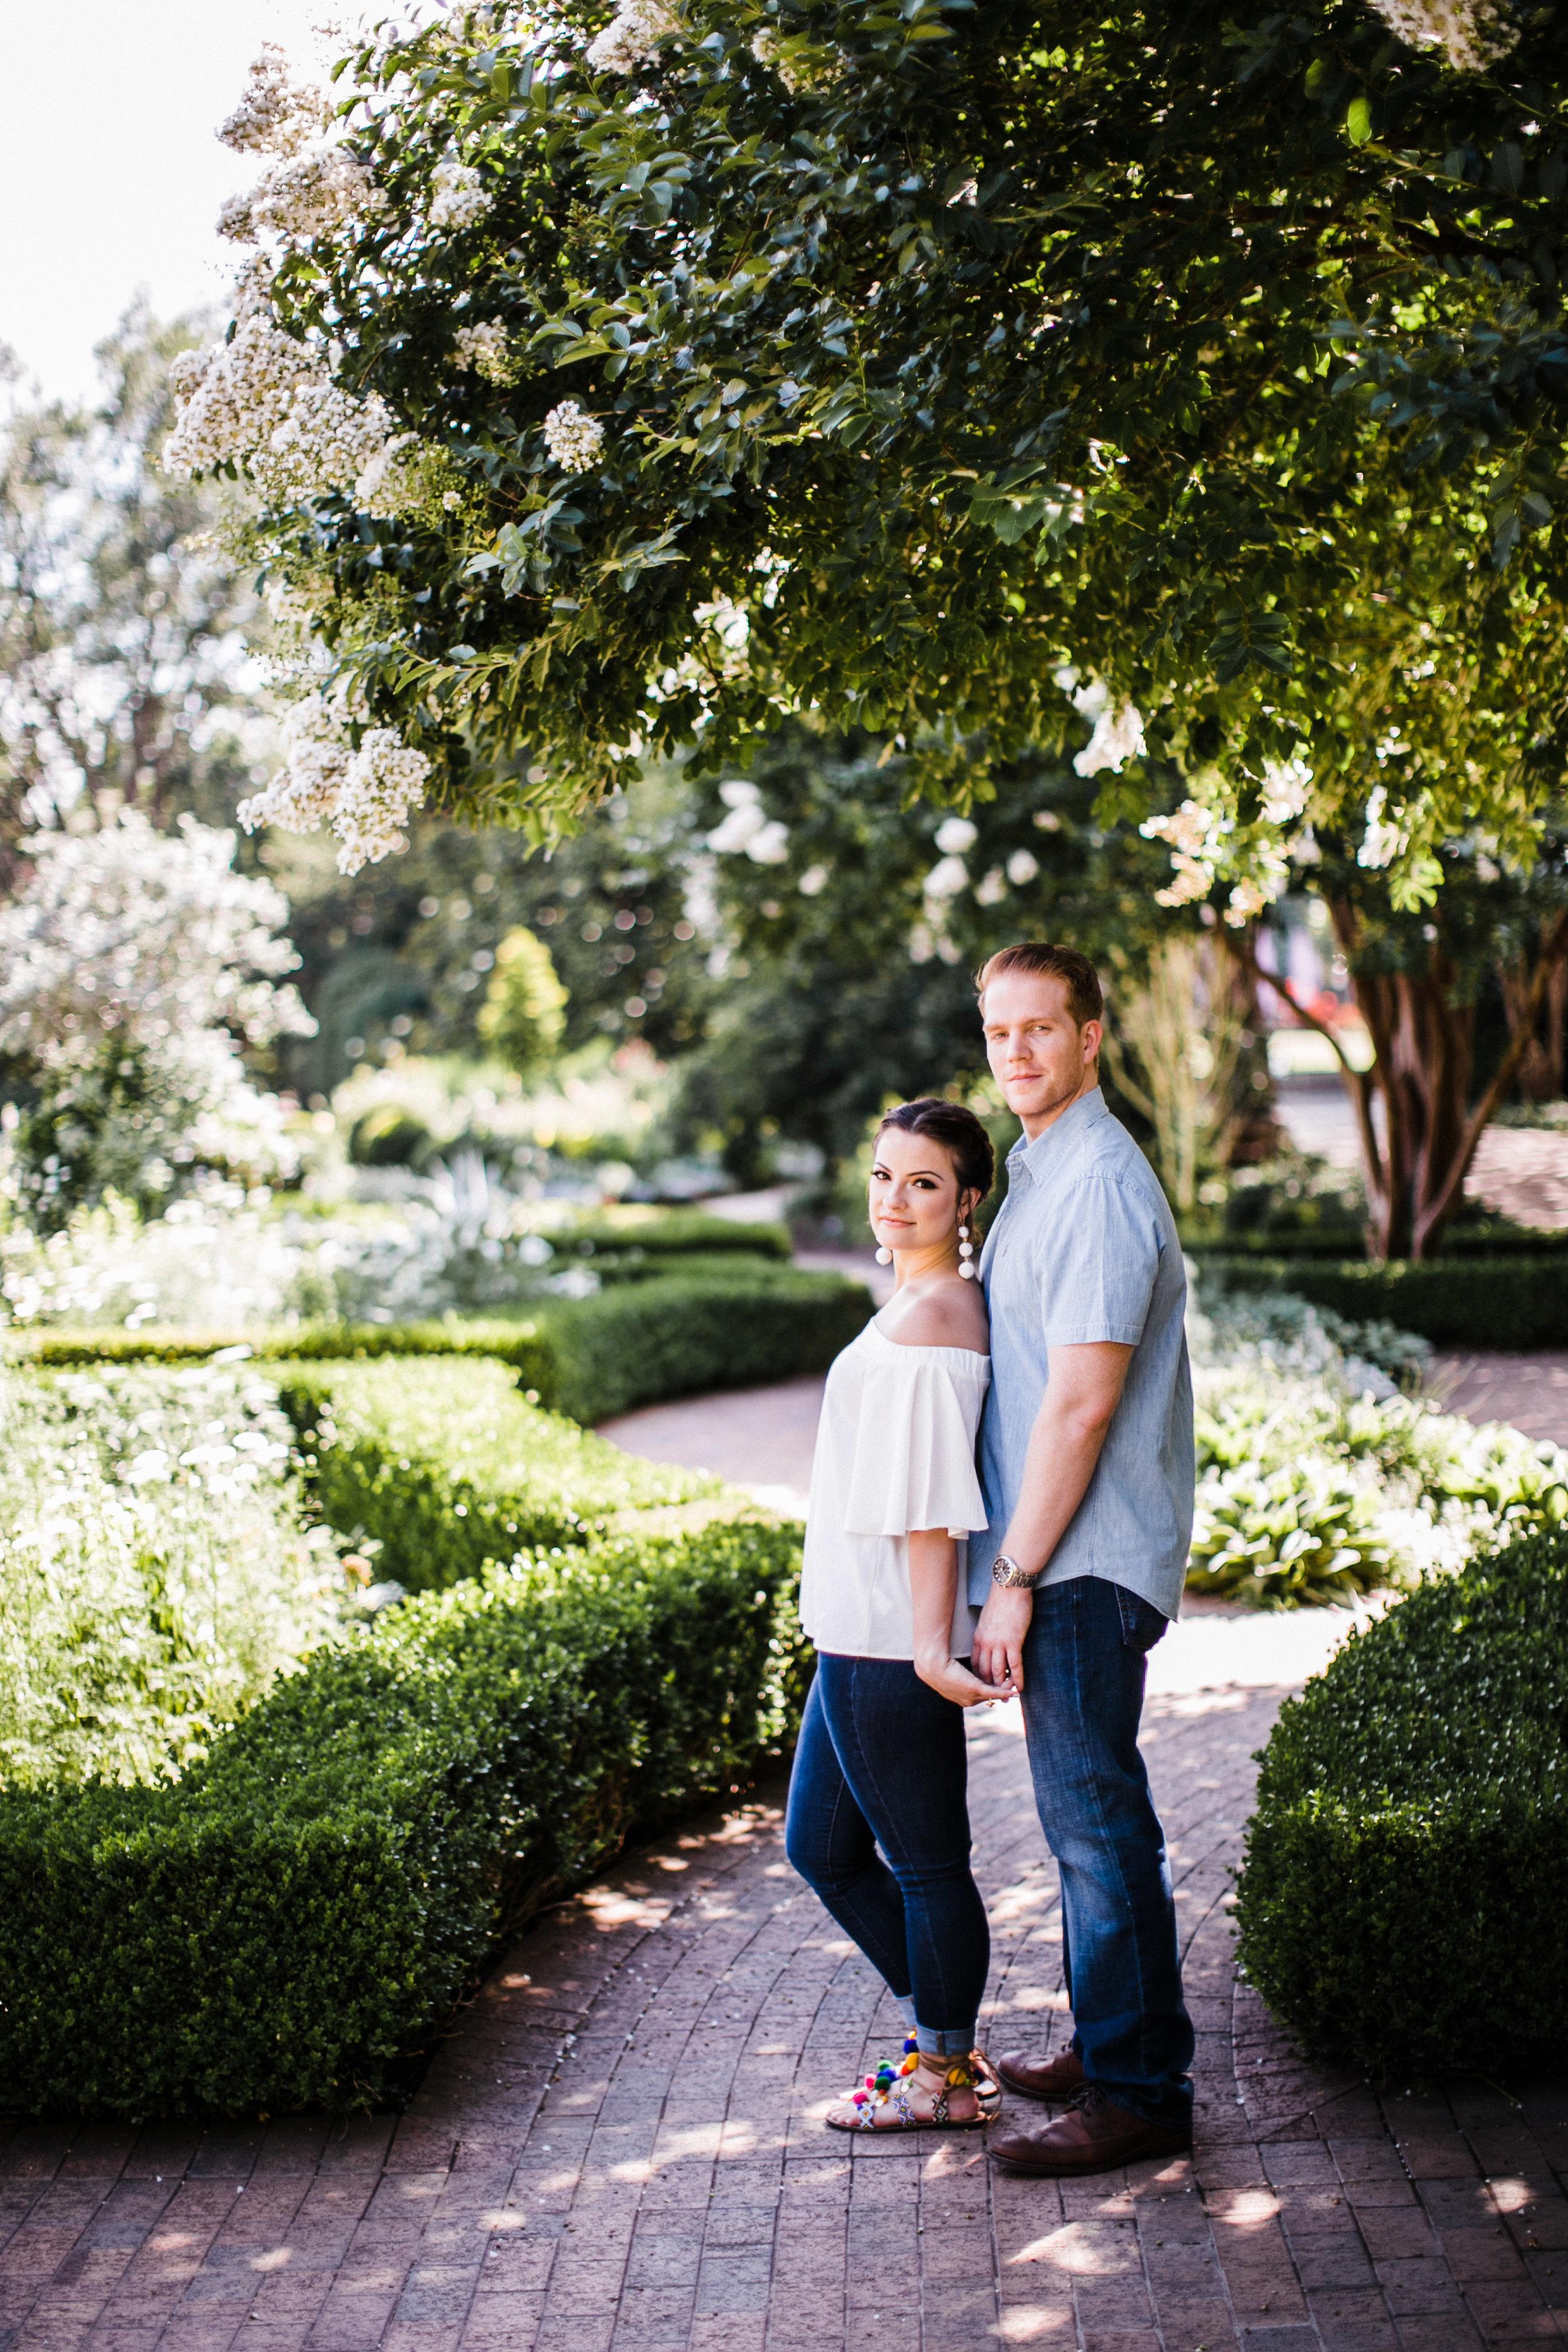 Karianne & Phillip Enagagement Session- Atlanta Botanical Gardens-151.jpg